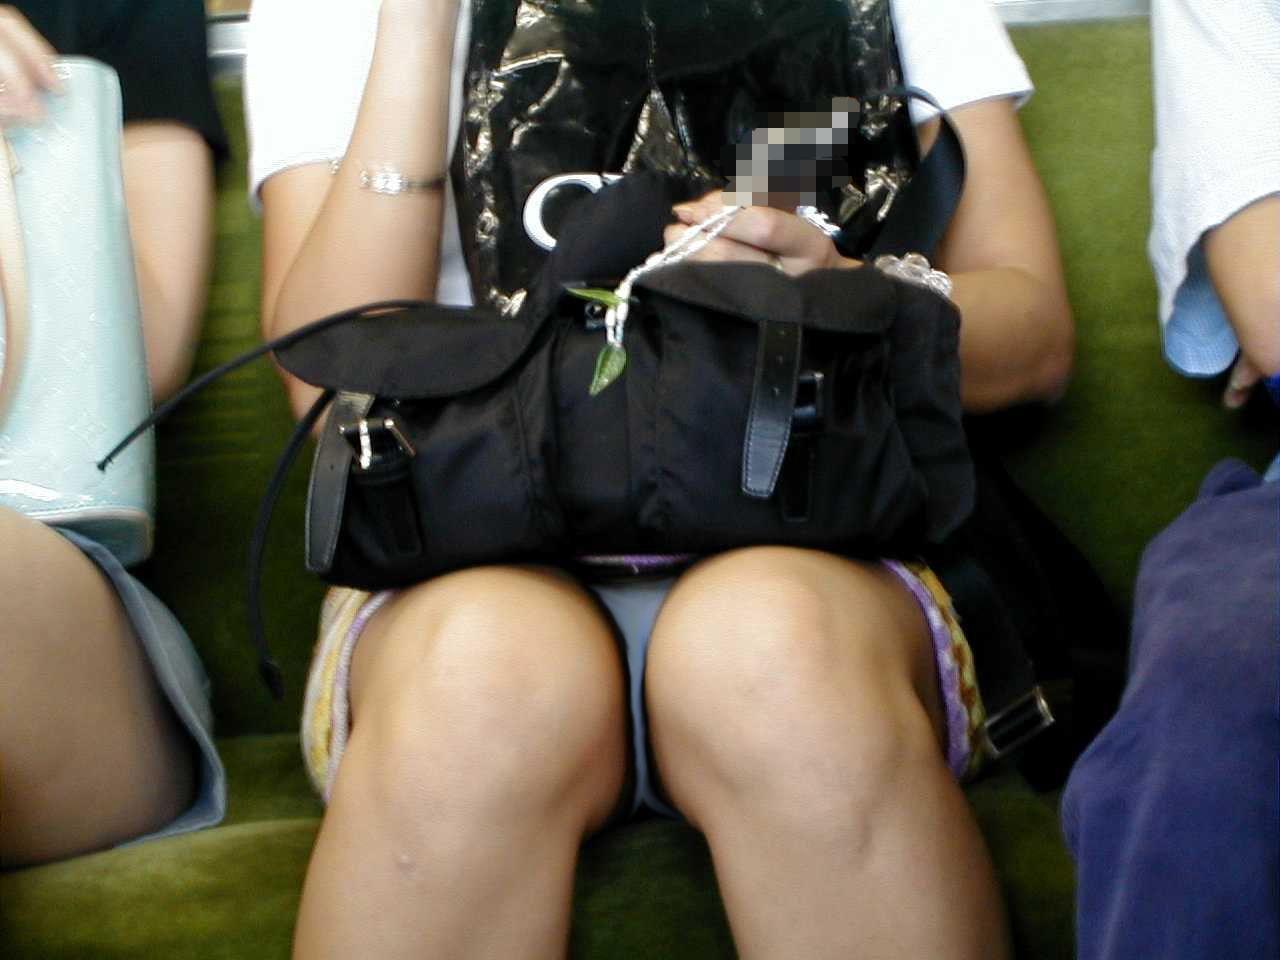 電車内パンチラ 画像 46